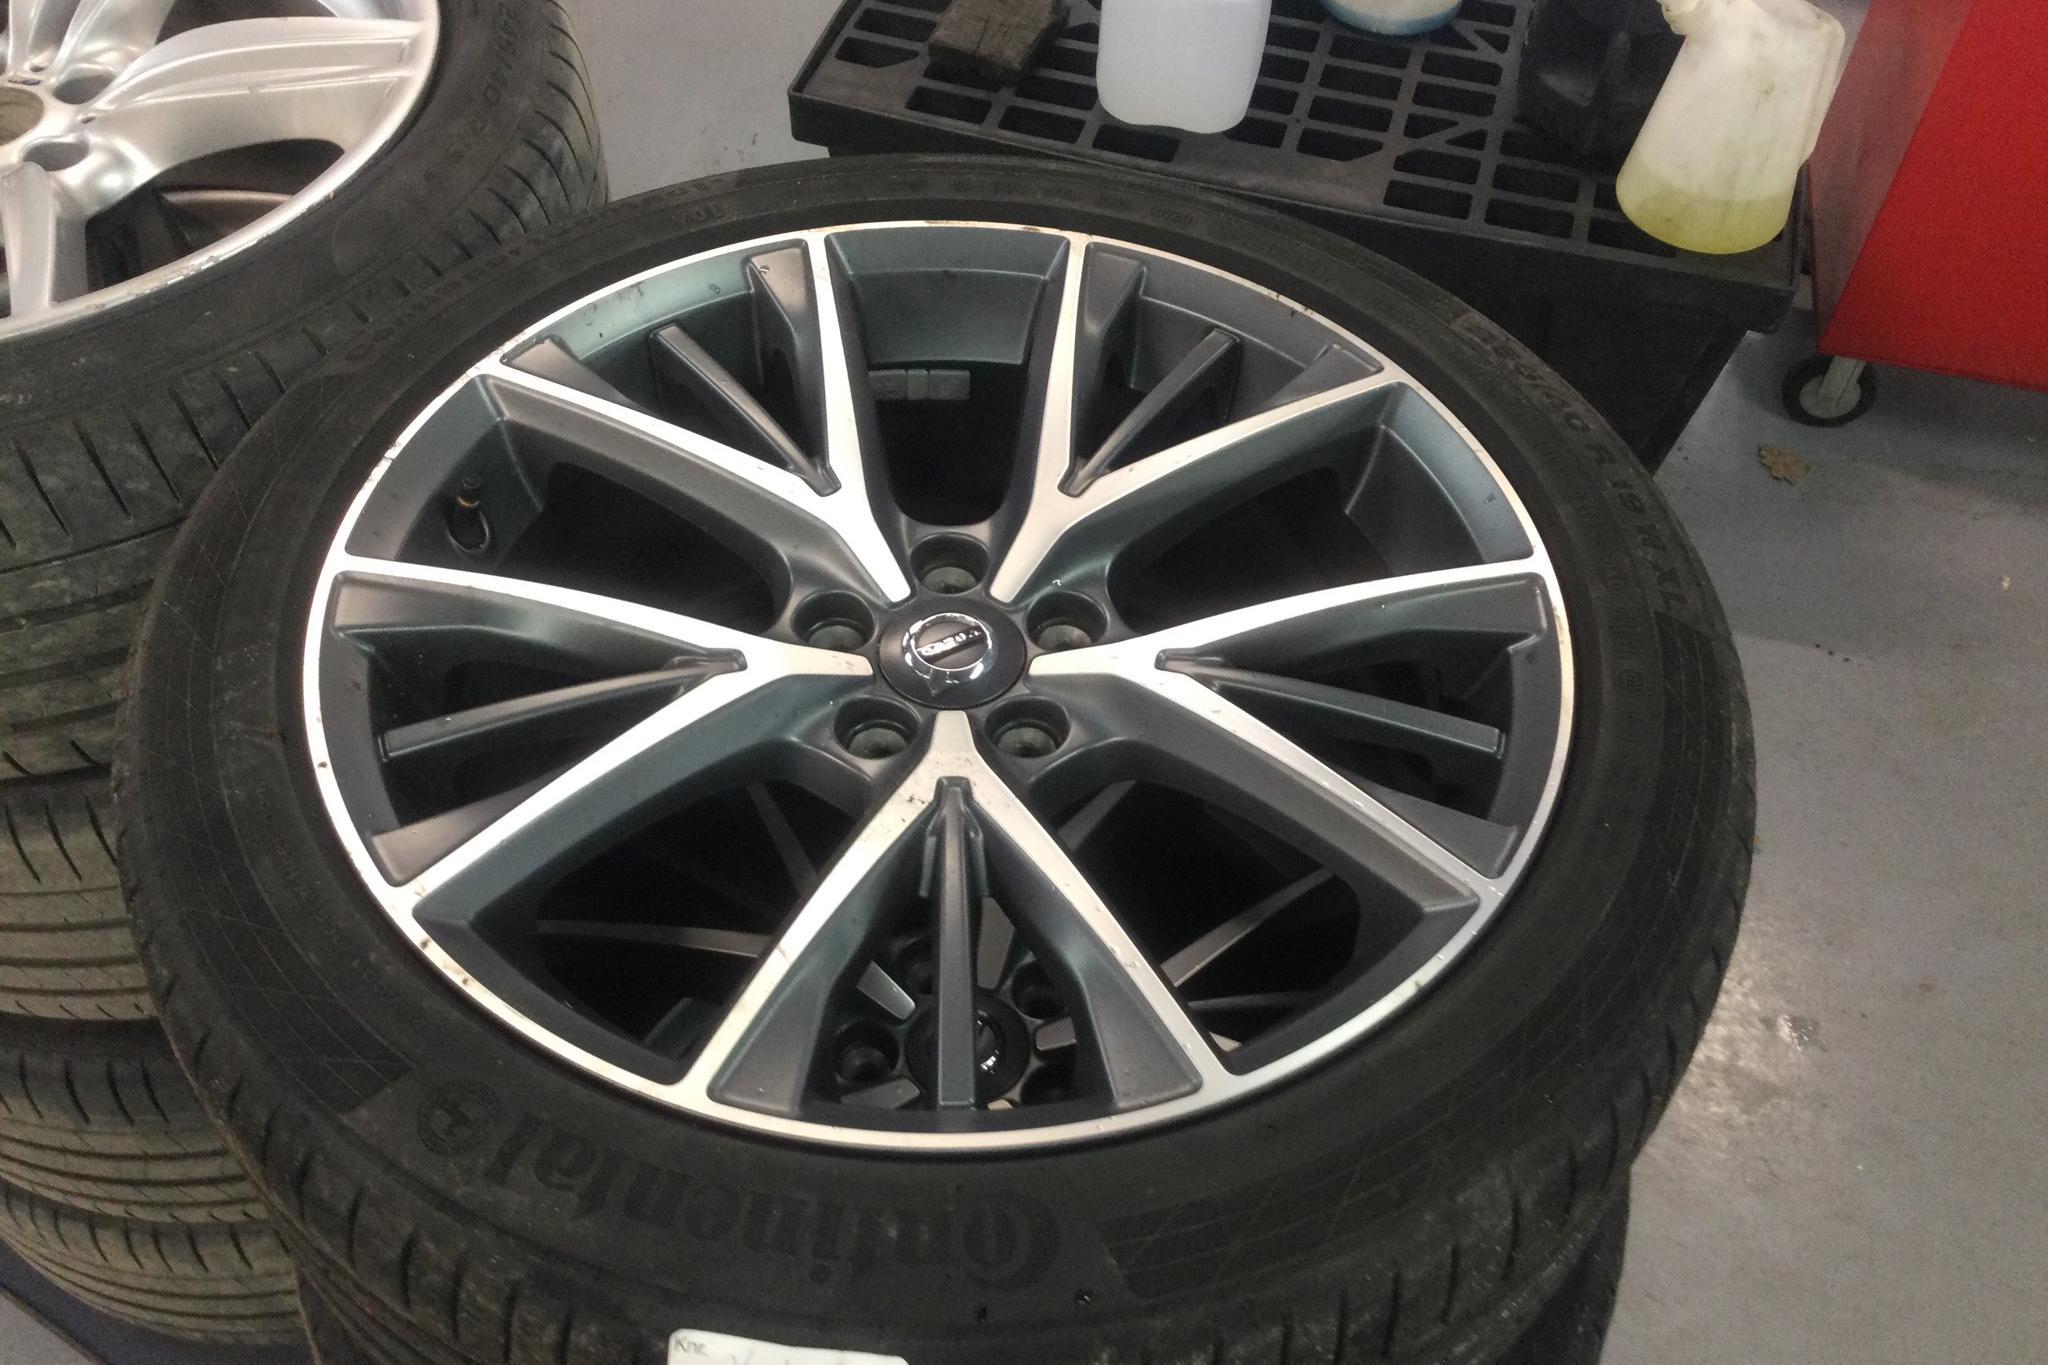 Volvo V90 D3 AWD Inscription Navi (150hk) - 122 870 km - Automatic - gray - 2018